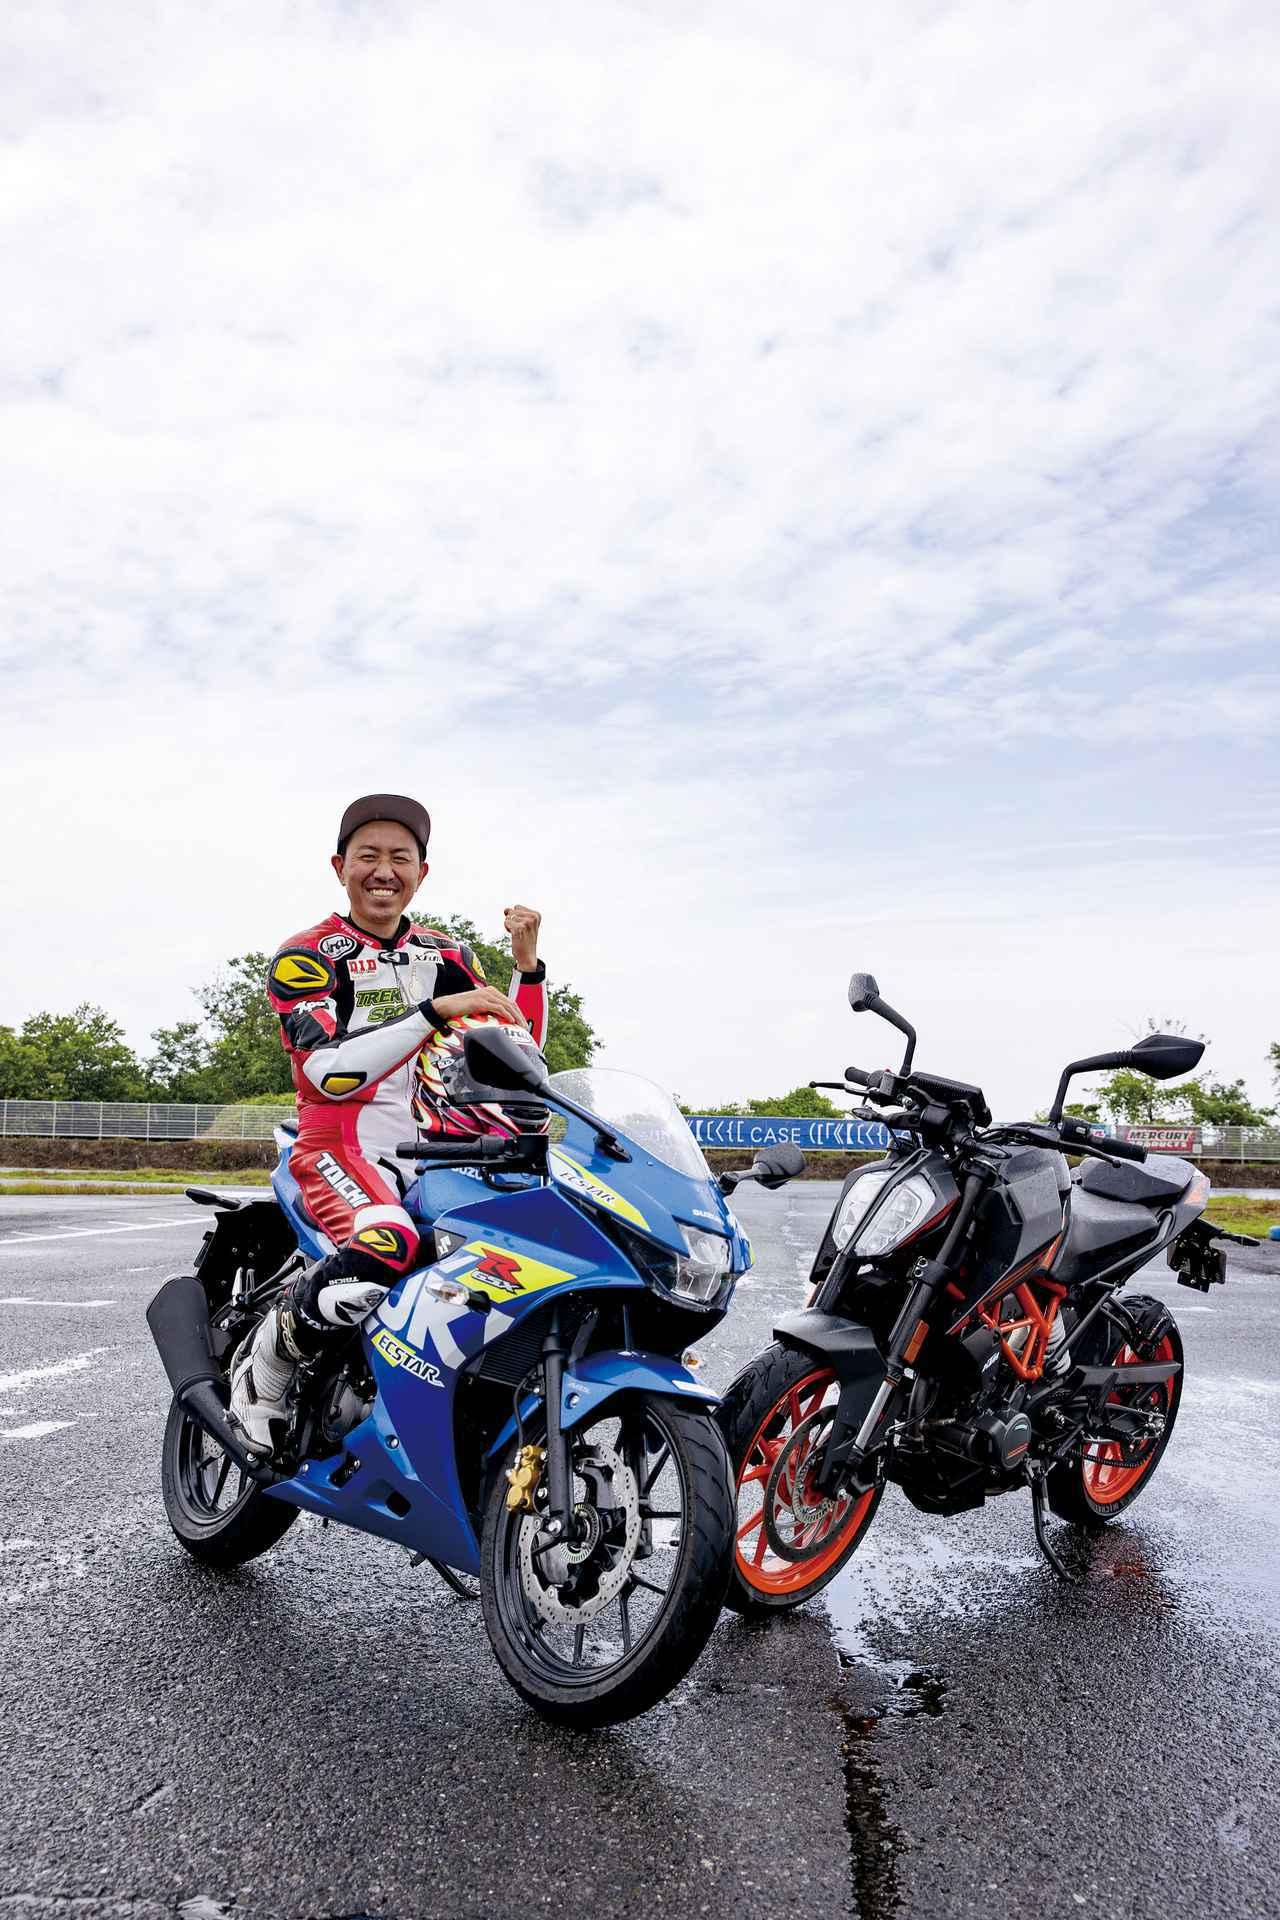 画像2: 福田充徳さんがサーキット試乗したのは「GSX-R125」と「125 DUKE」